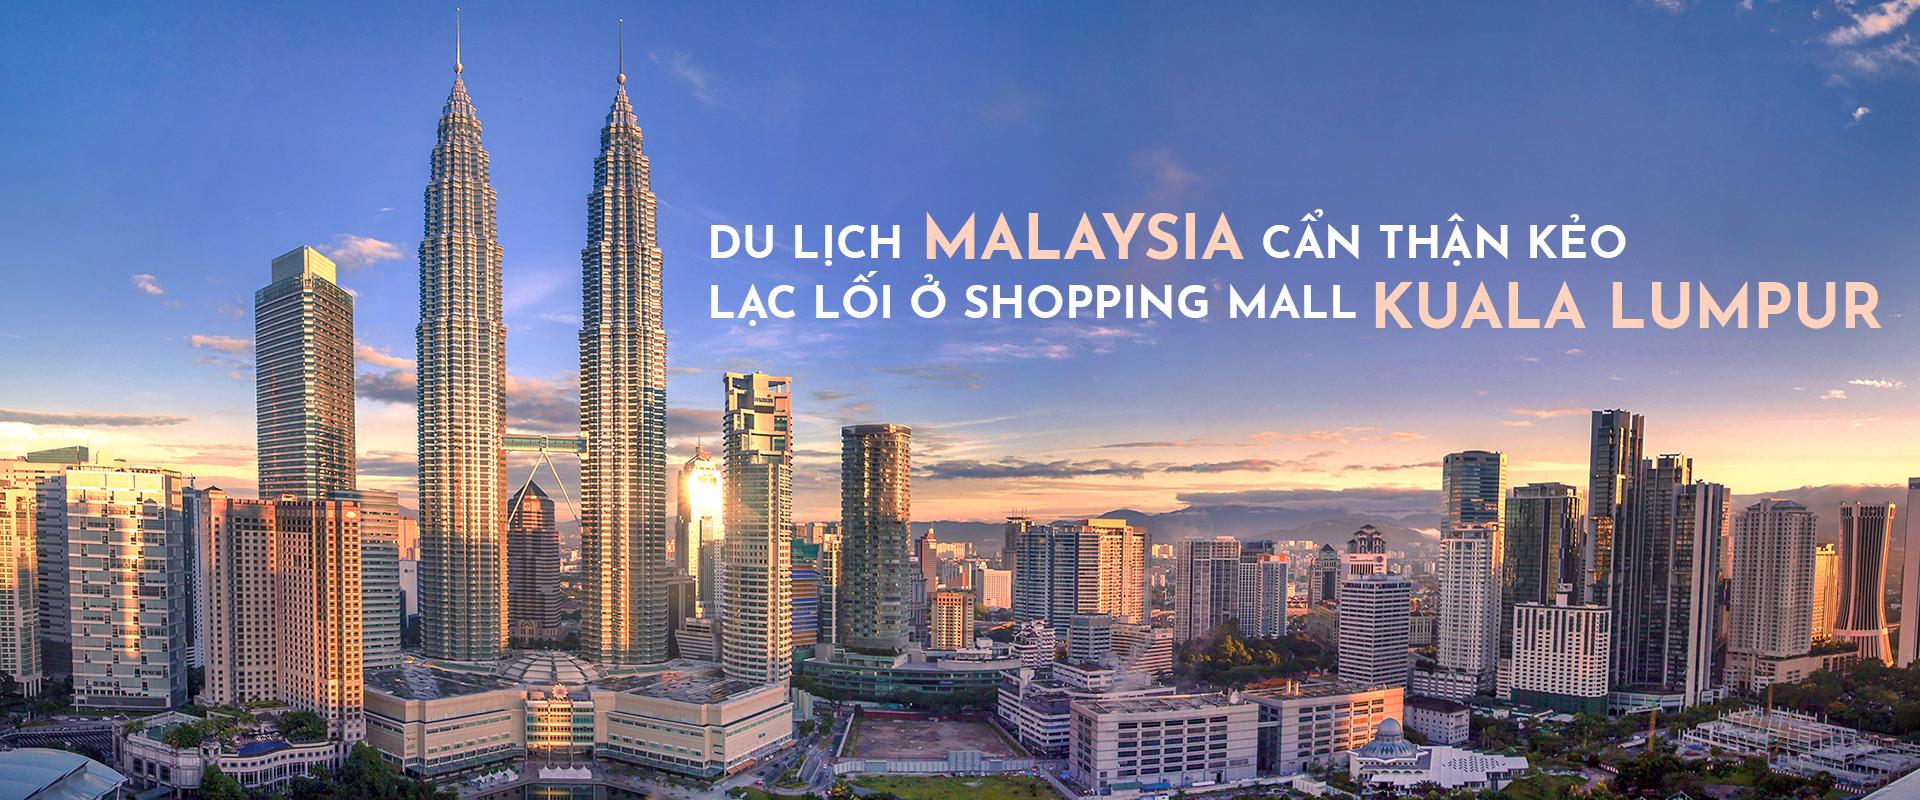 Du lịch Malaysia cẩn thận kẻo lạc lối ở shopping mall